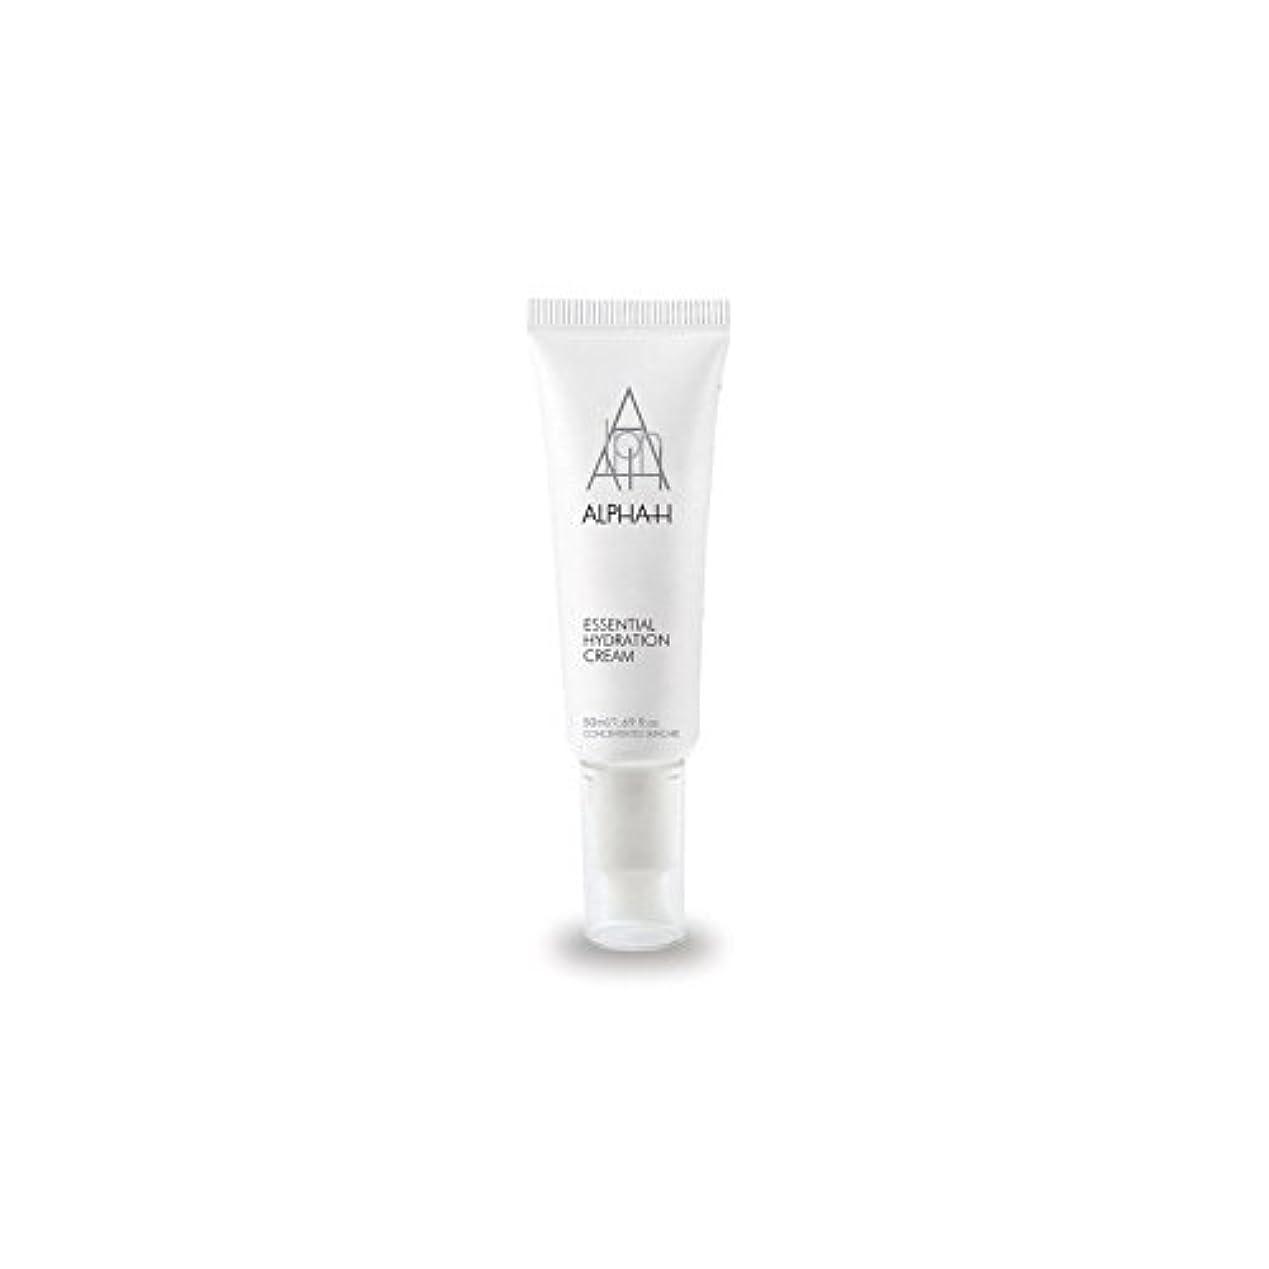 投資する先のことを考える失望Alpha-H Essential Hydration Cream (50ml) - アルファ必須水和クリーム(50)中 [並行輸入品]